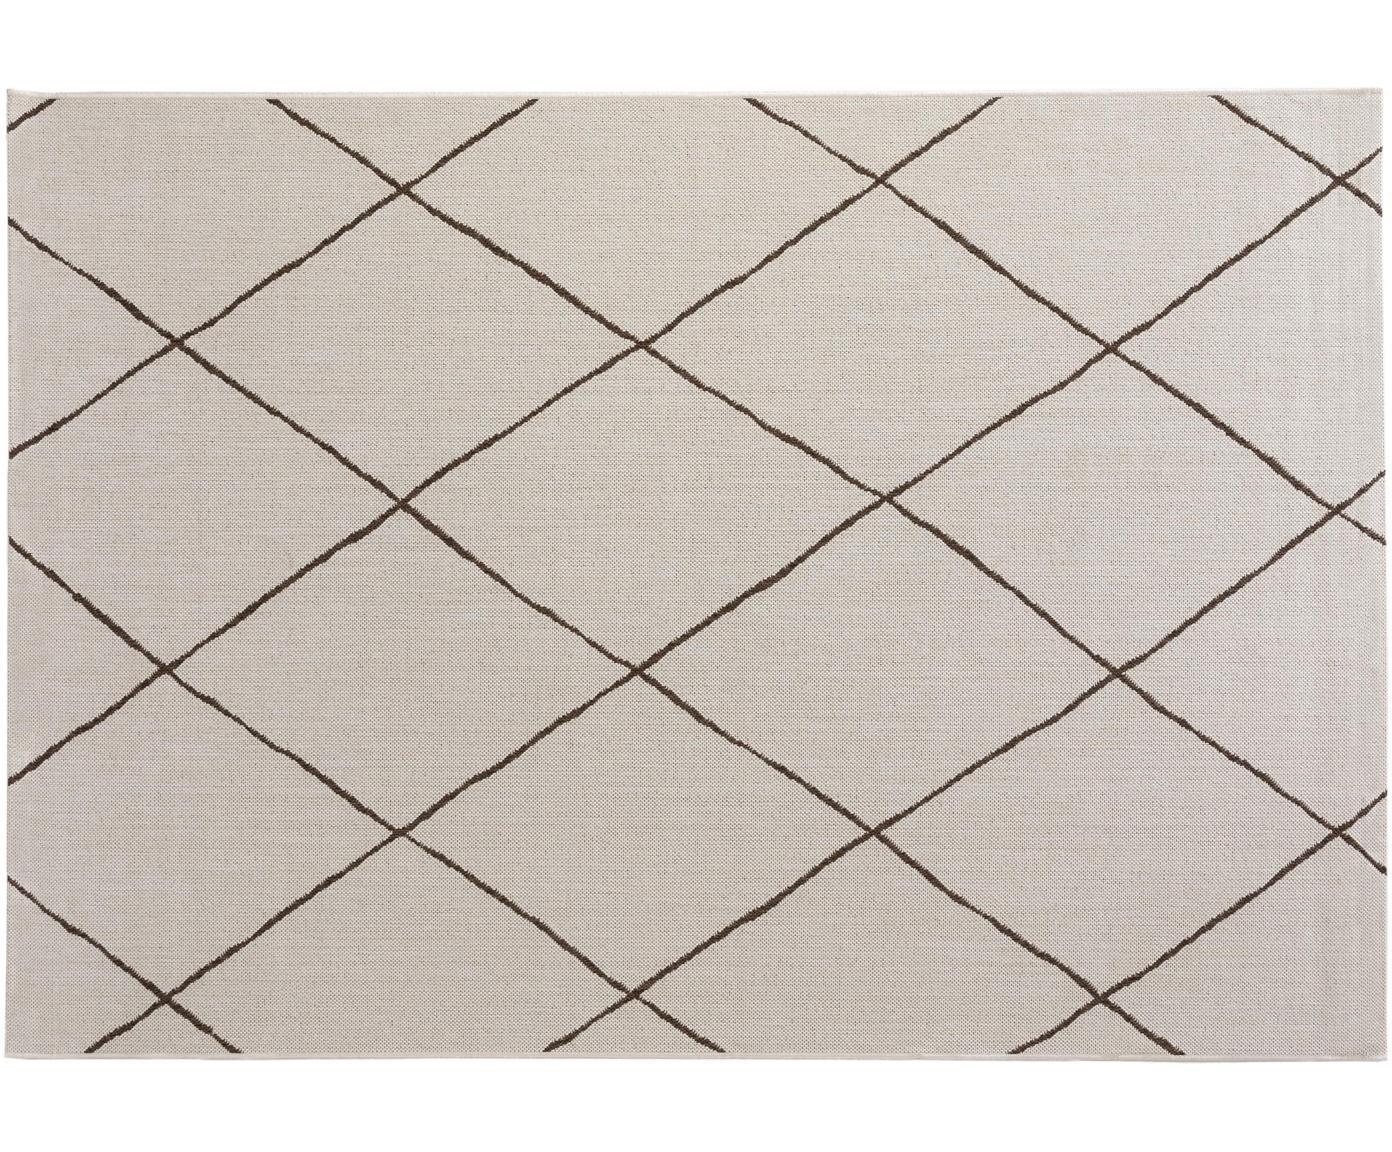 Tappeto da interno-esterno Metro Check, Polipropilene, Crema, Larg. 80 x Lung. 150 cm (taglia XS)